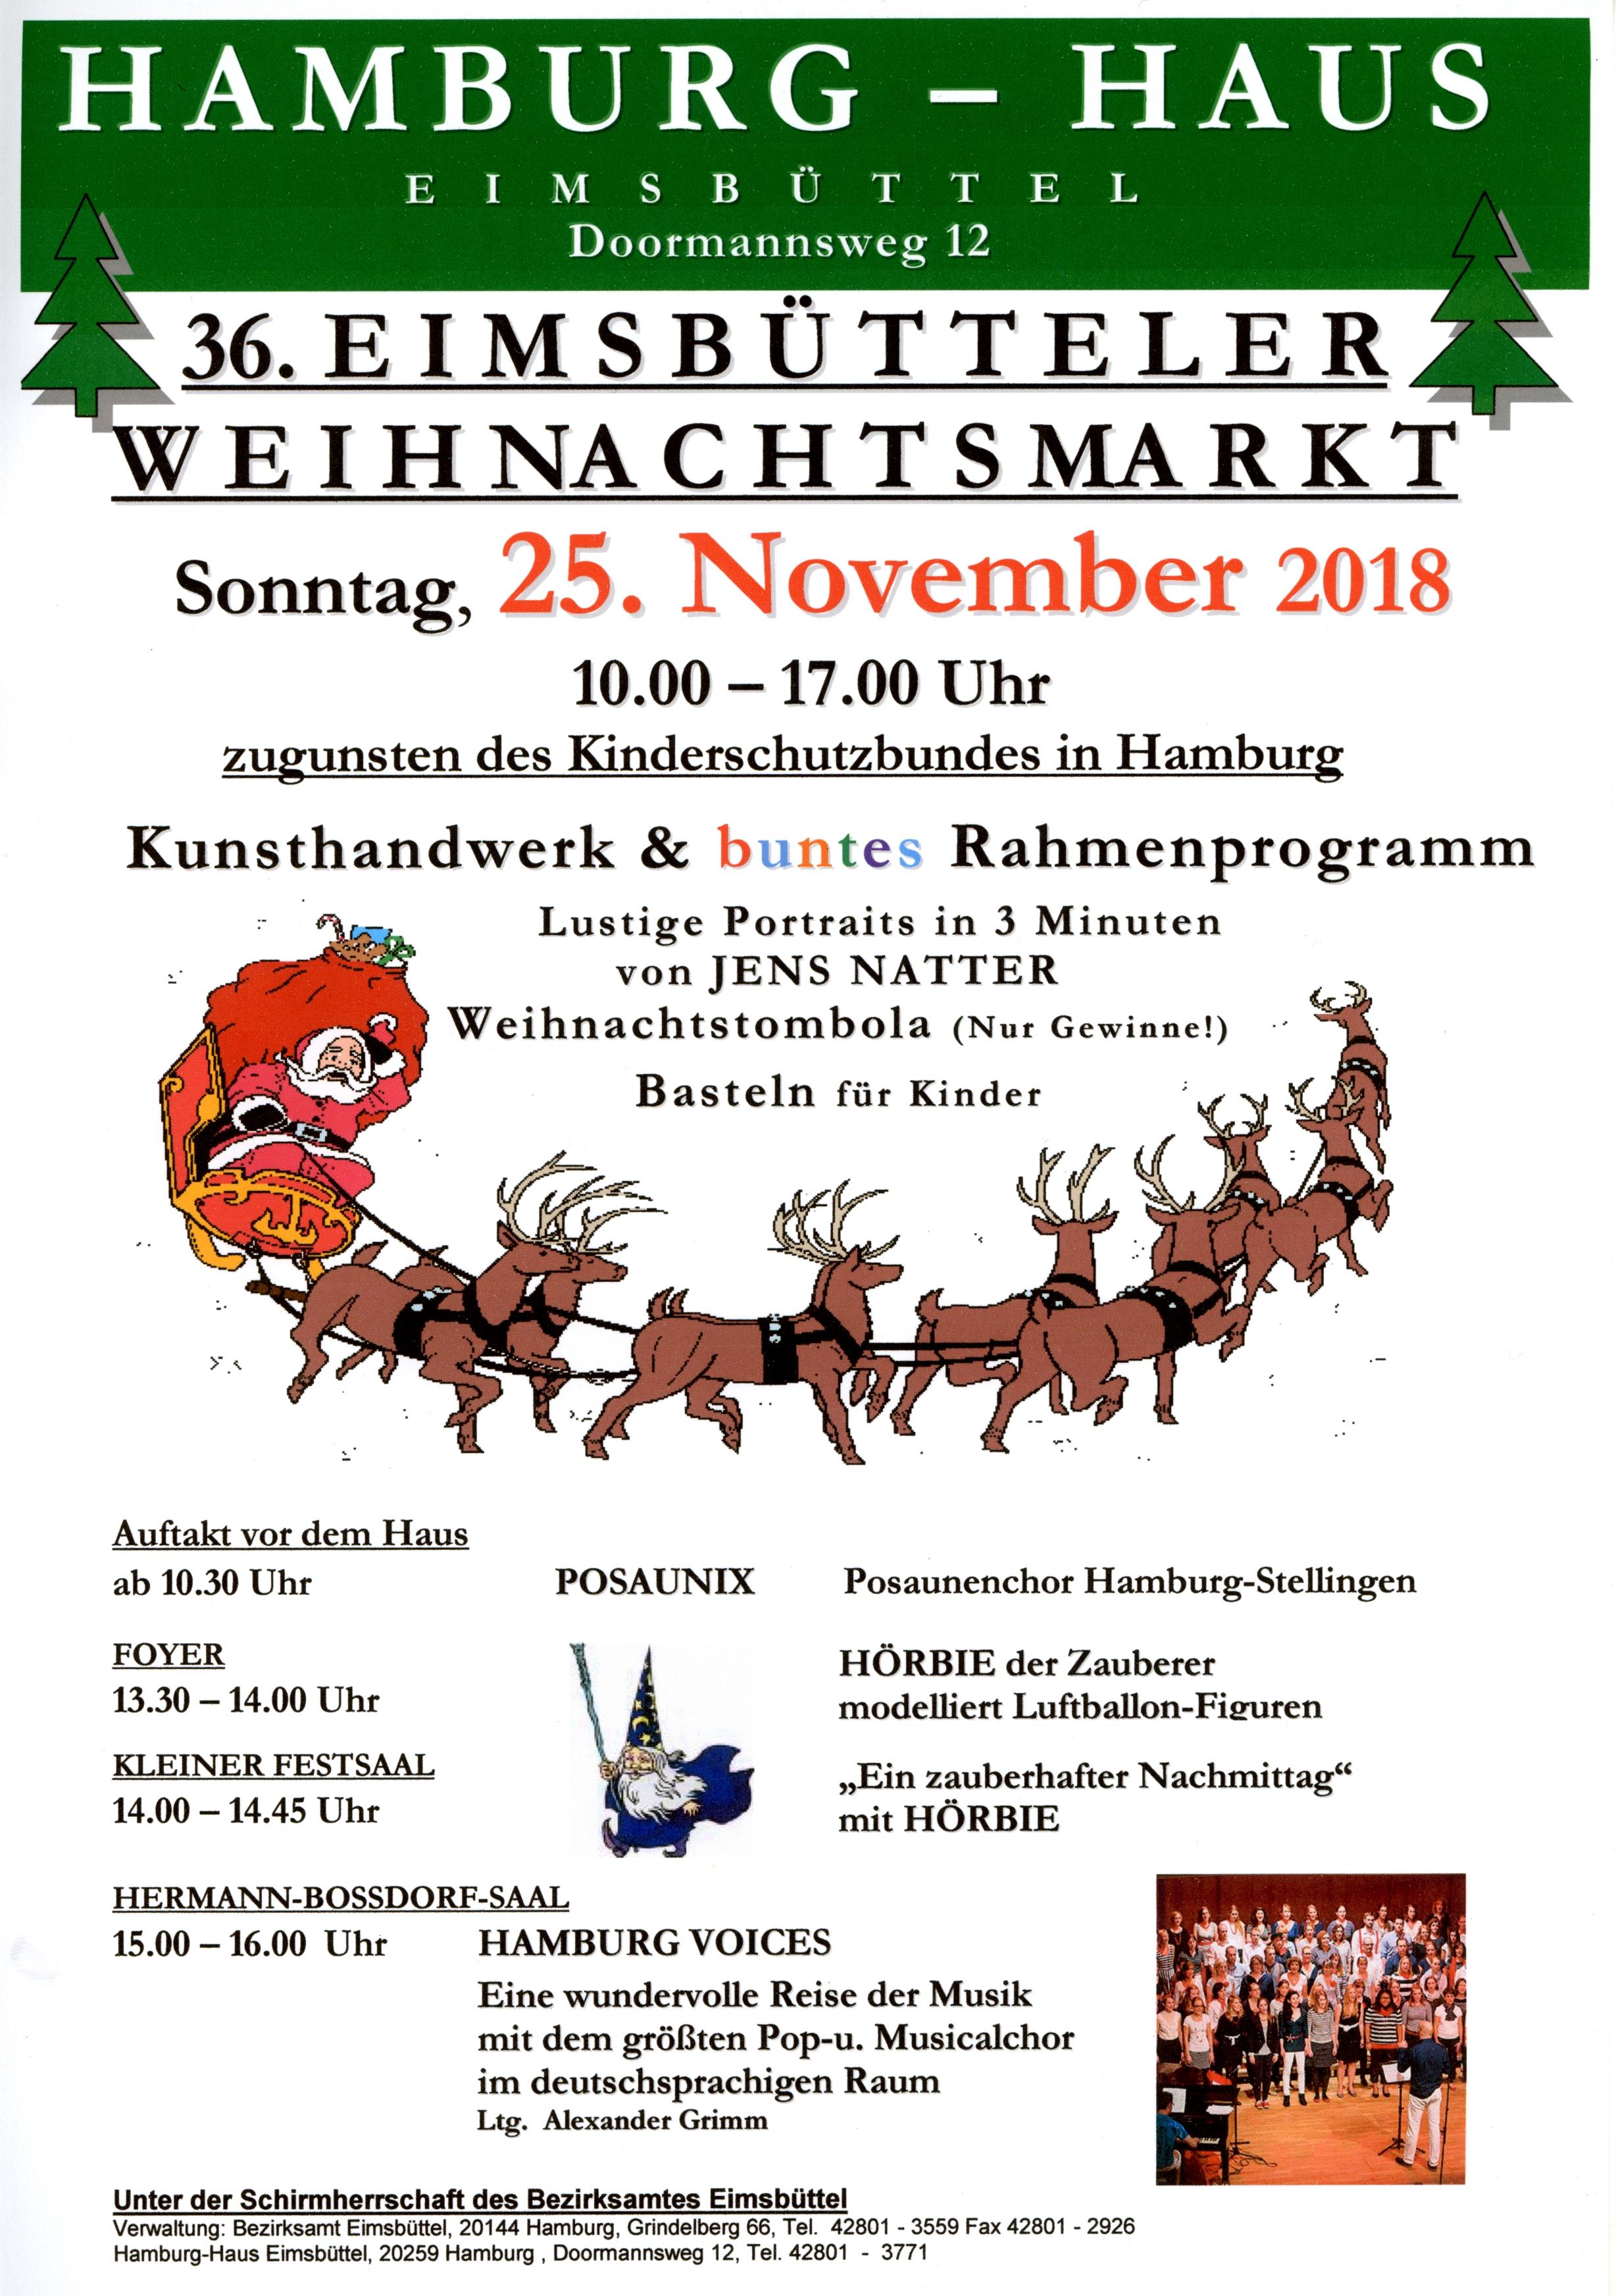 Weihnachtsmarktplakat 2018 (1)